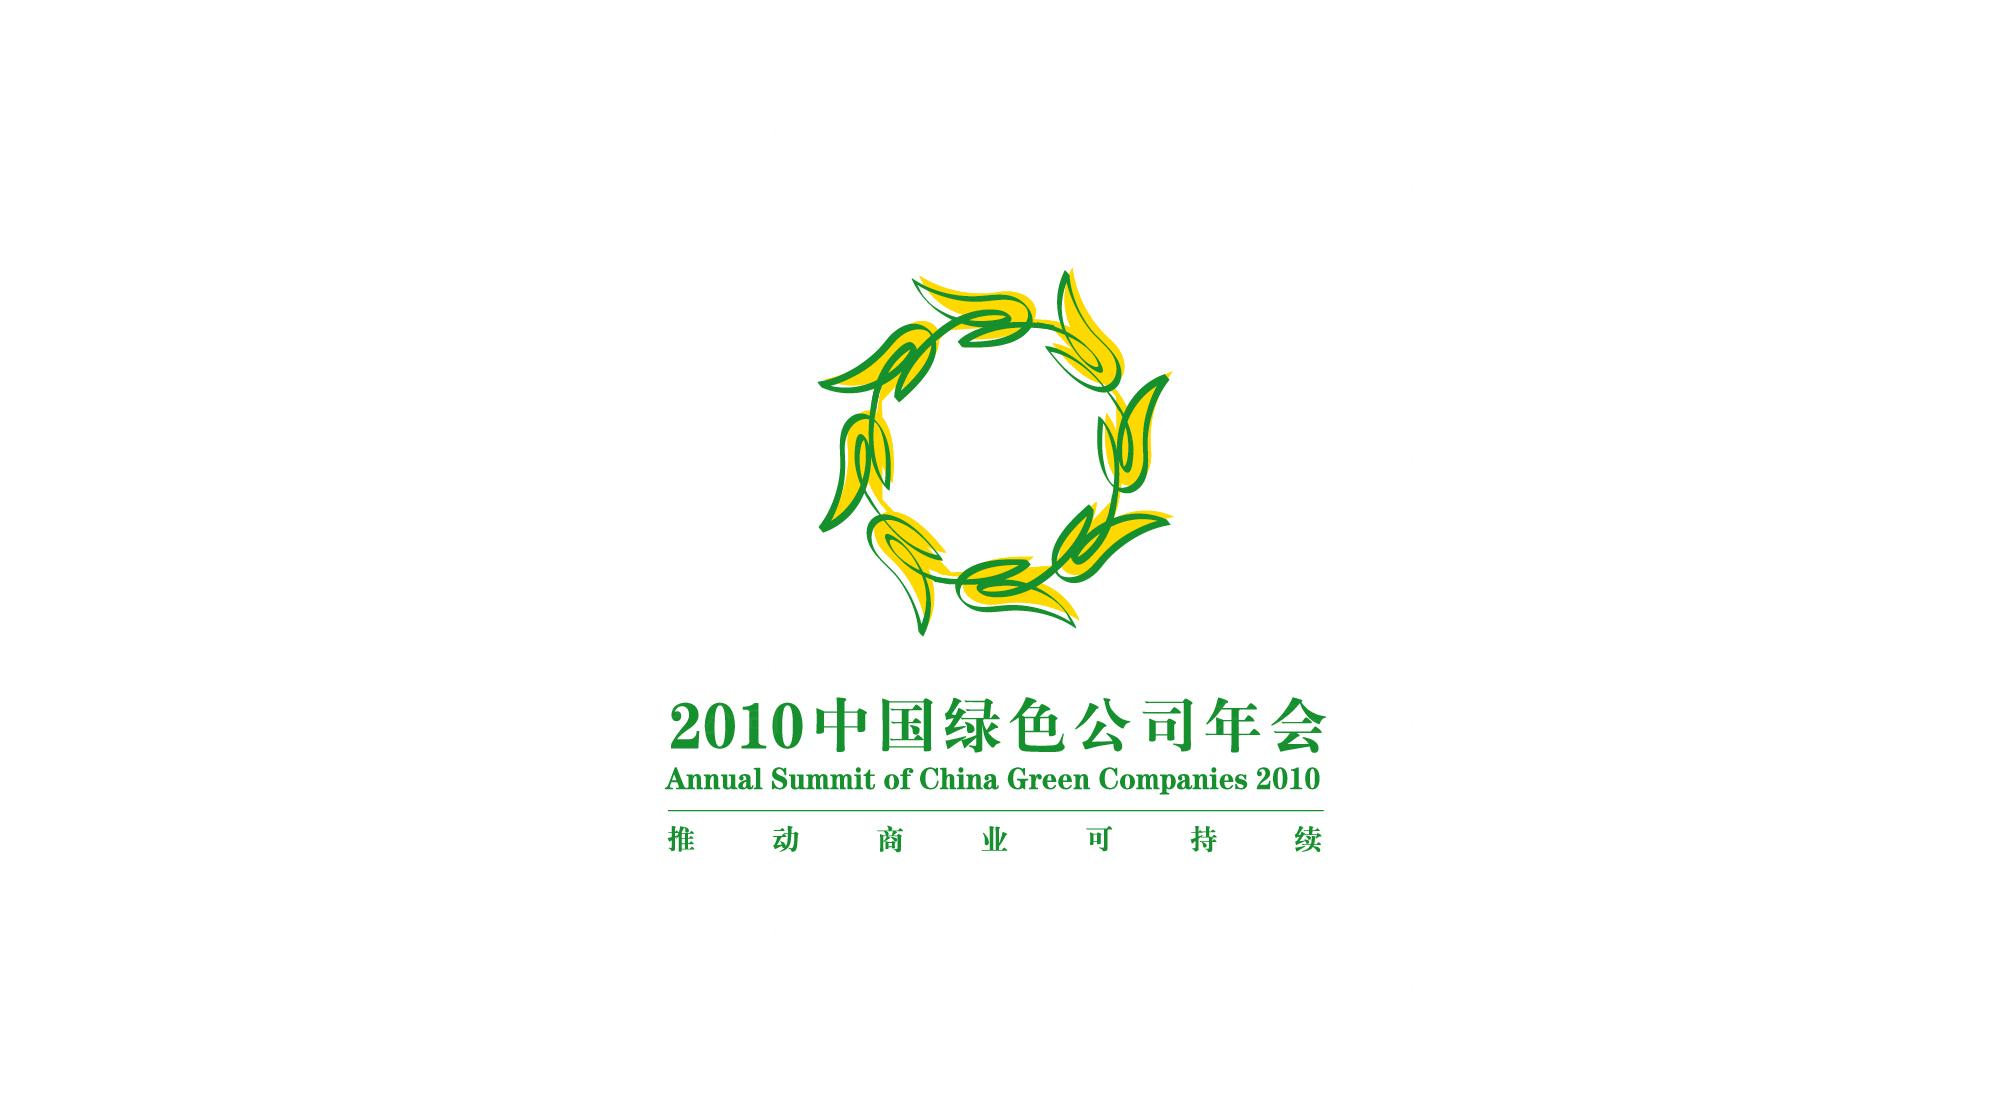 政府组织品牌设计2010中国绿公司年会LOGO设计